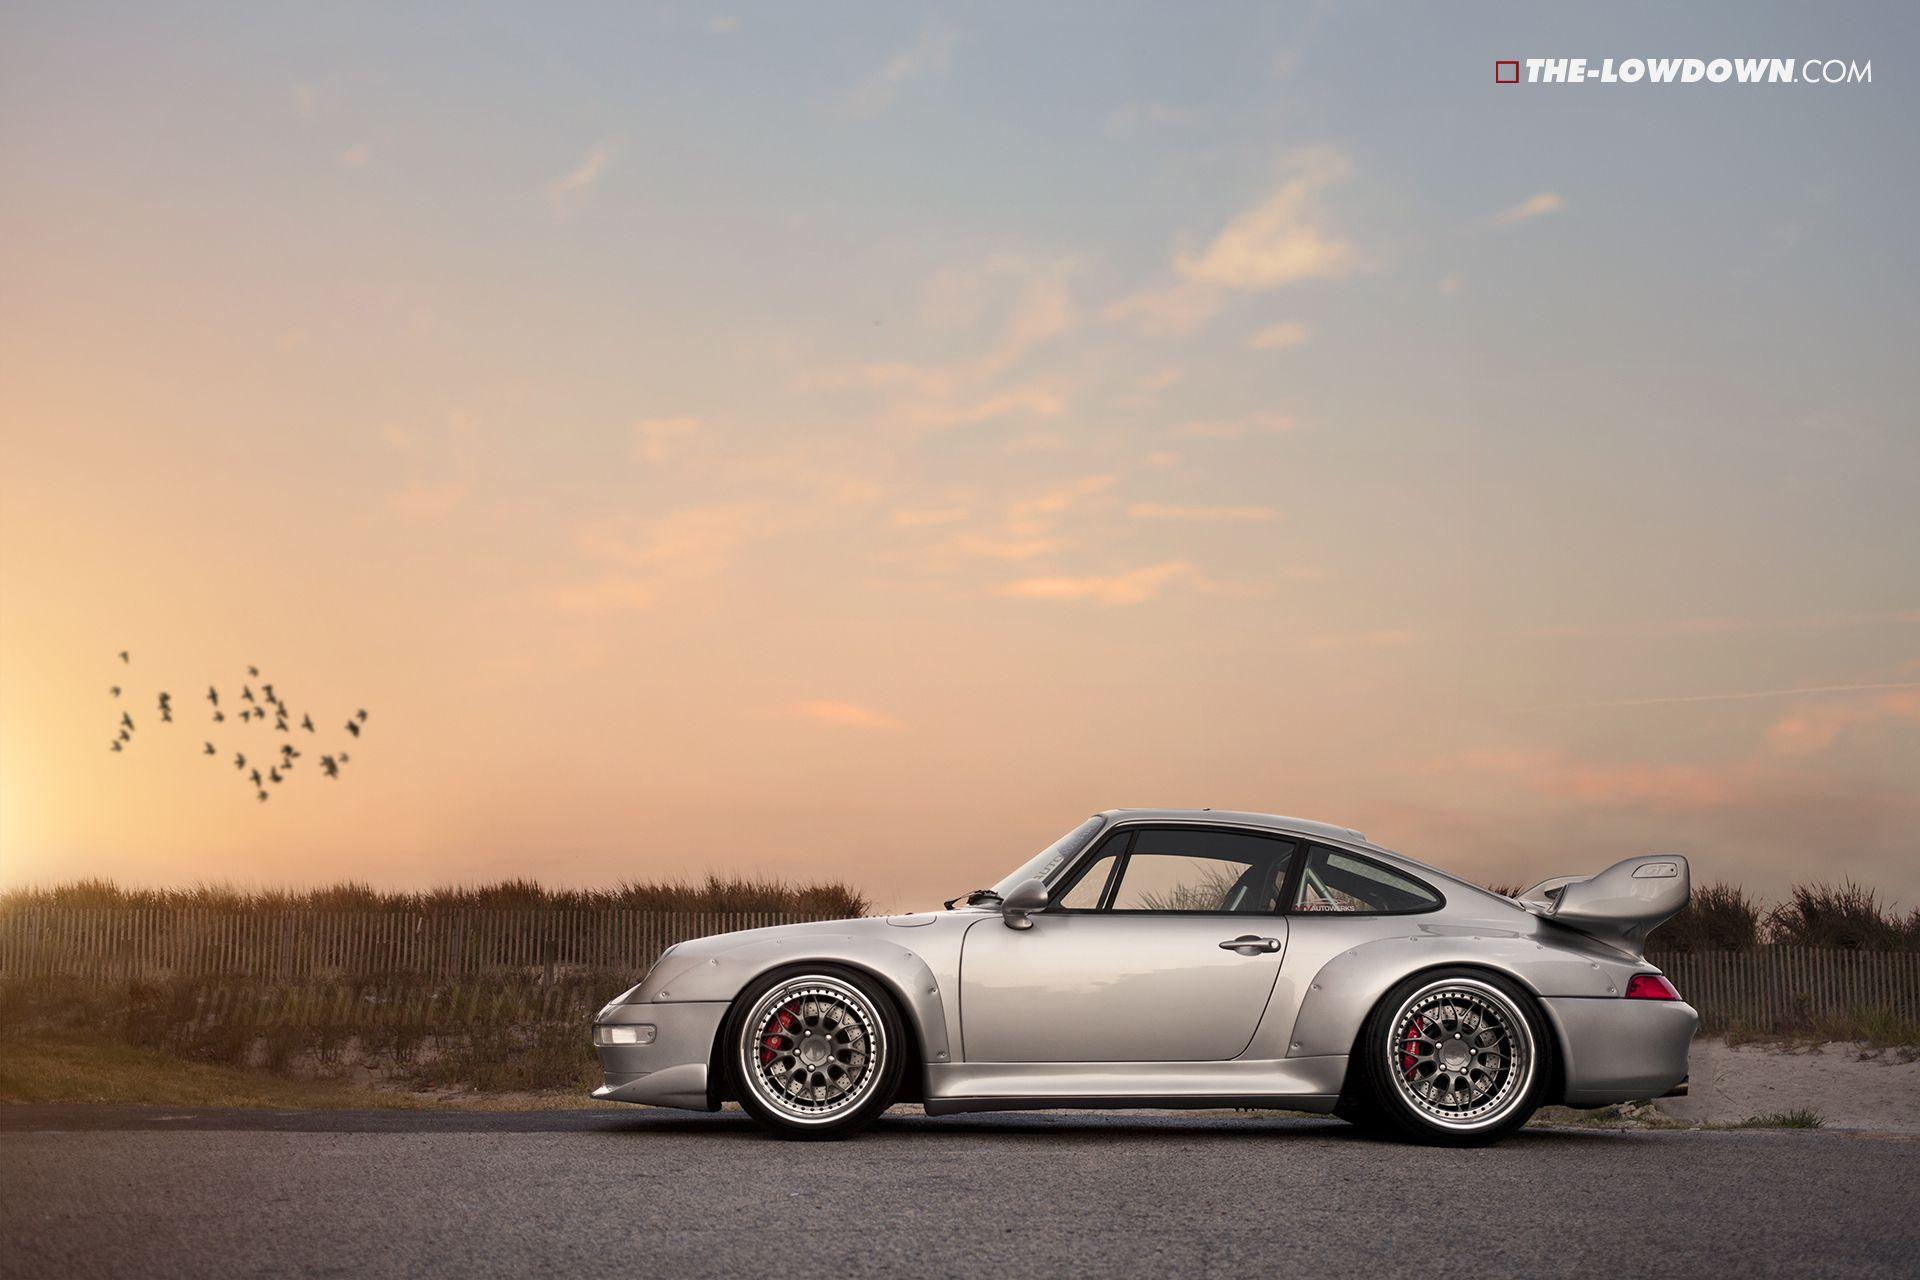 Images For Porsche 993 Turbo Wallpaper Voiture De Sport Rs6 Voiture